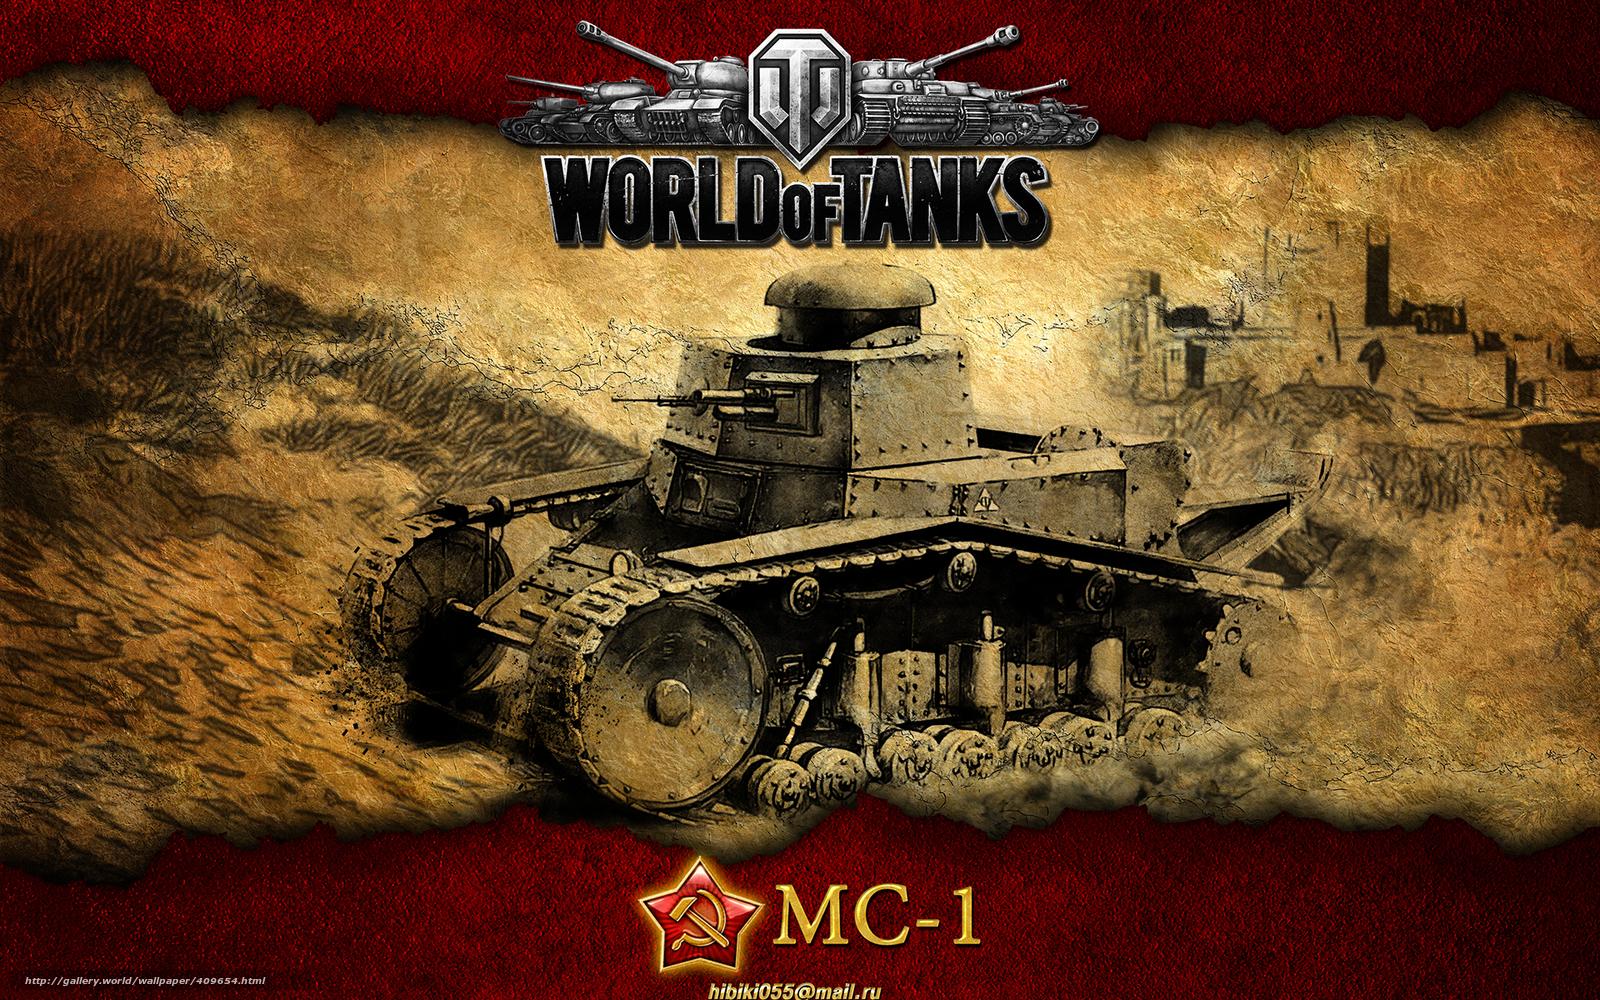 Скачать обои для рабочего стола танки world of tanks 17